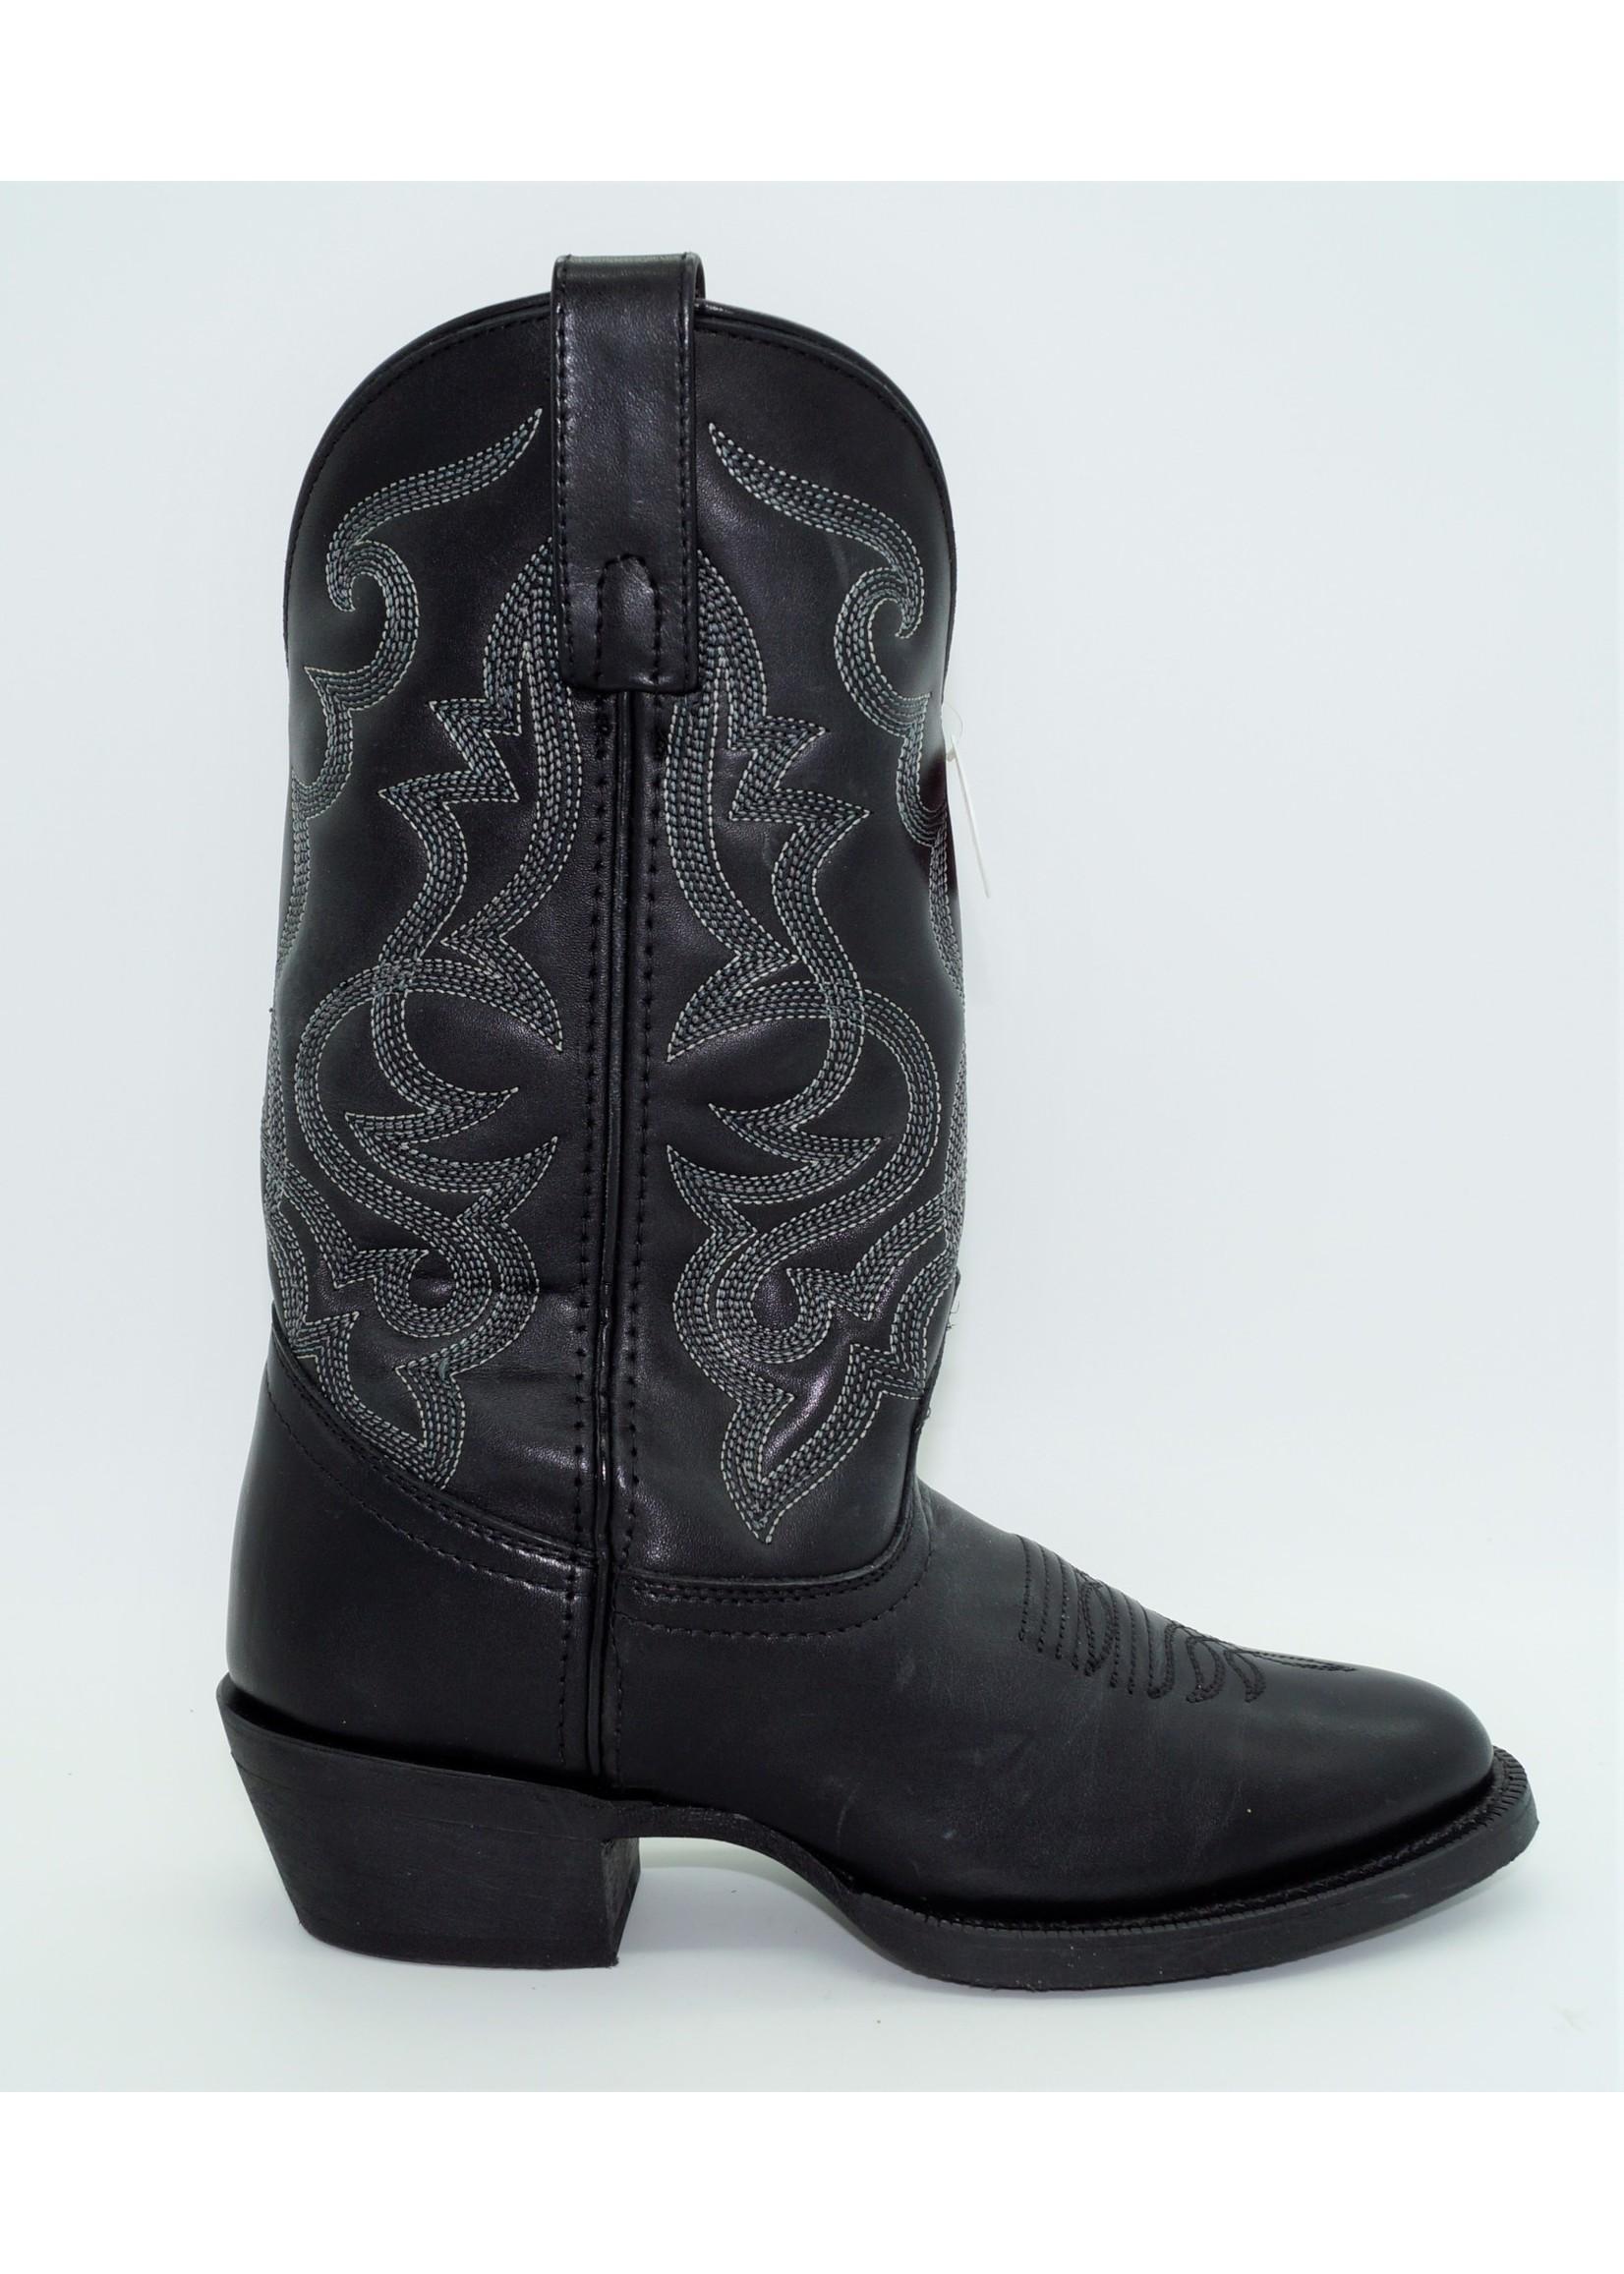 Laredo Women's Maddie Black Cowboy Boots - 51110